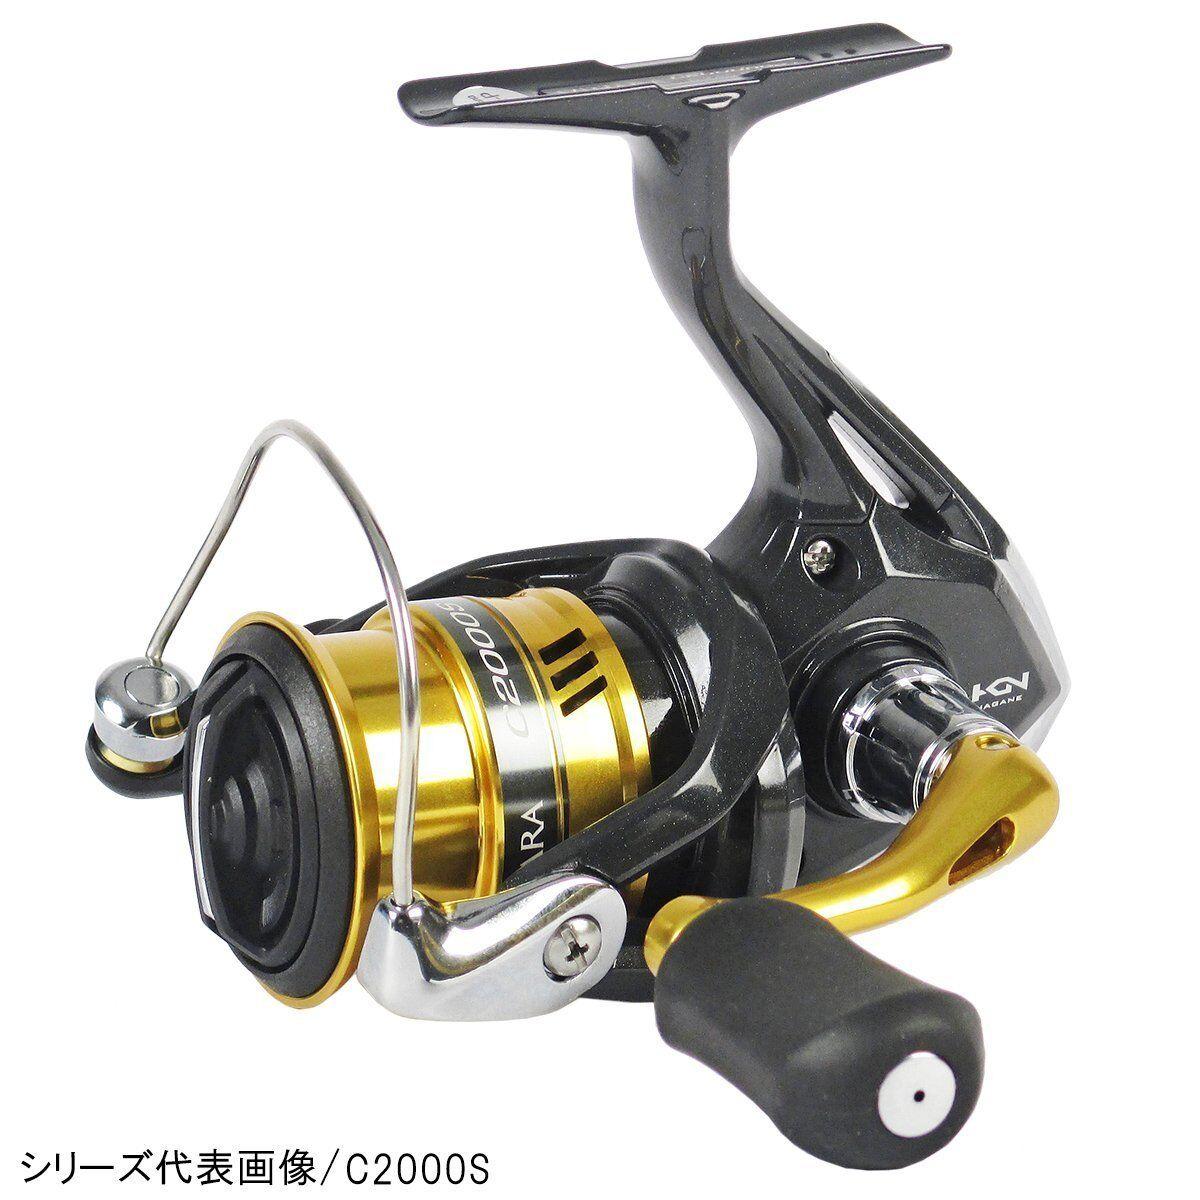 Shimano 17 Sahara C2000HGS Spinning Reel 4969363036254